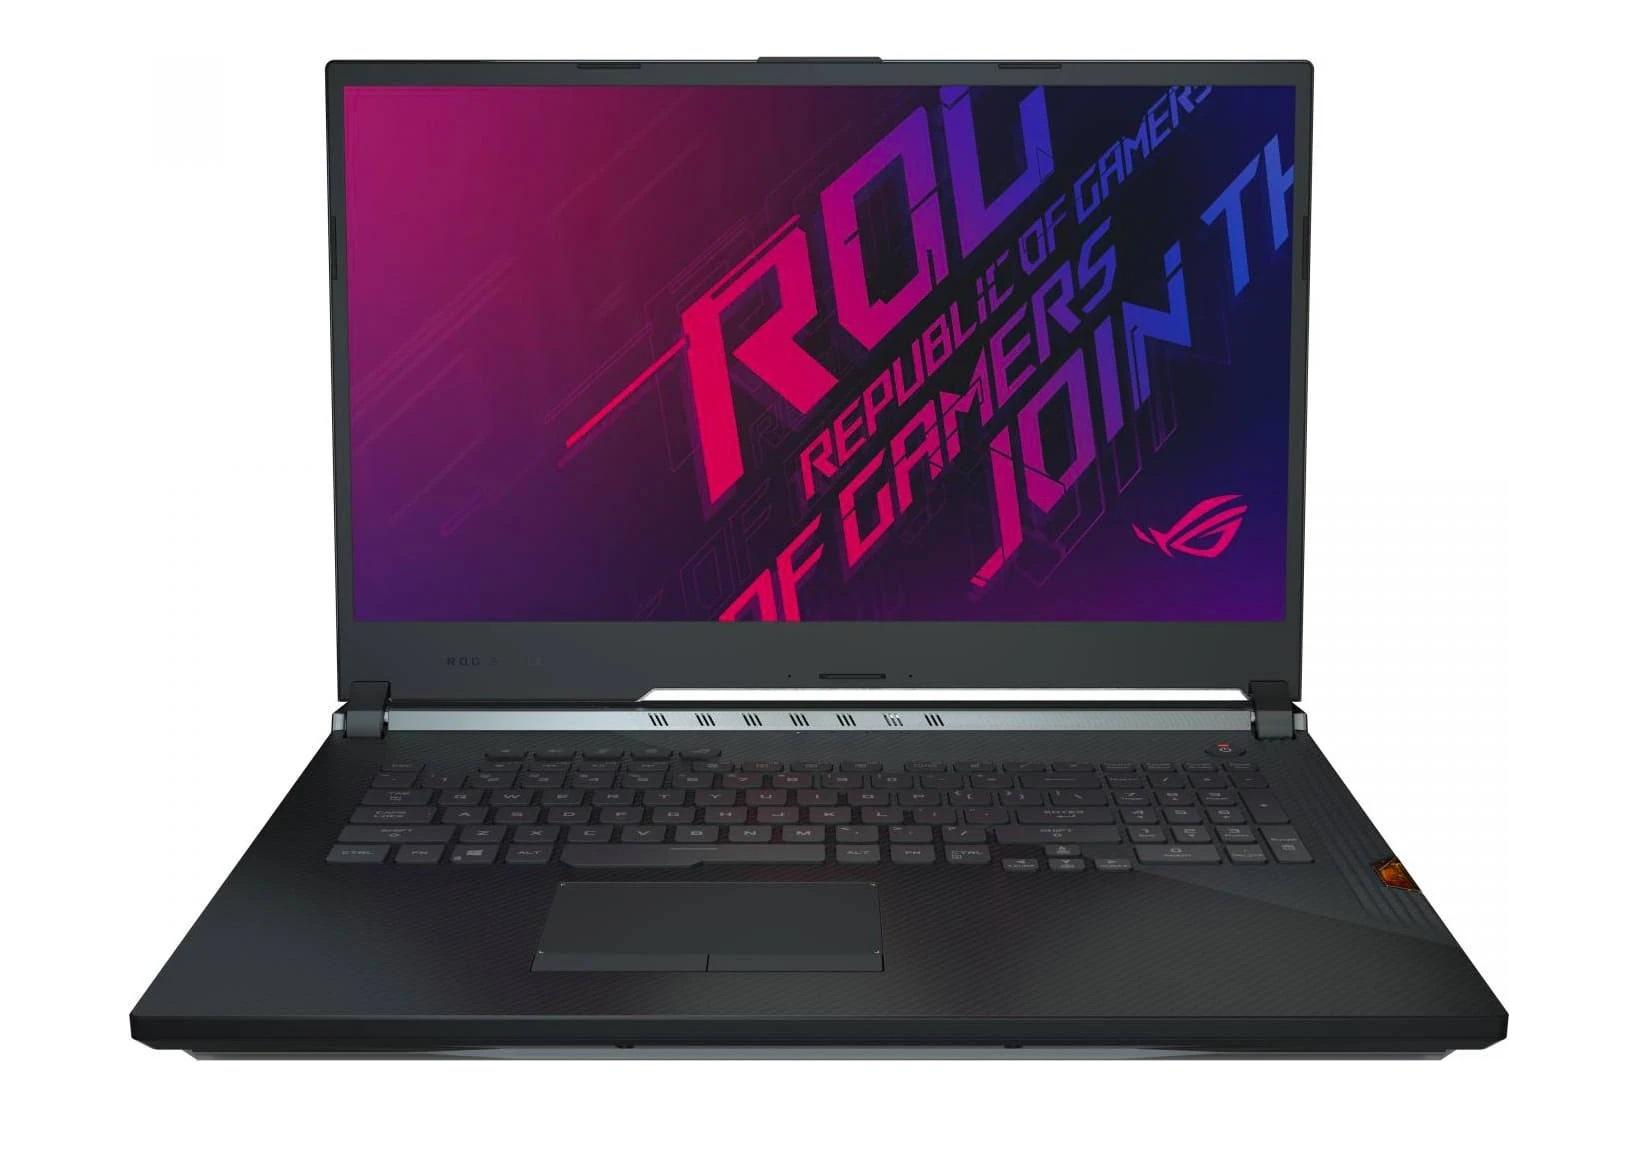 ASUS NB ROG STRIX SCAR III G731GU I7-9750 16GB 1TB SSD + 512GB SSD 17 GTX 1660 TI 6GB WIN 10 HOME